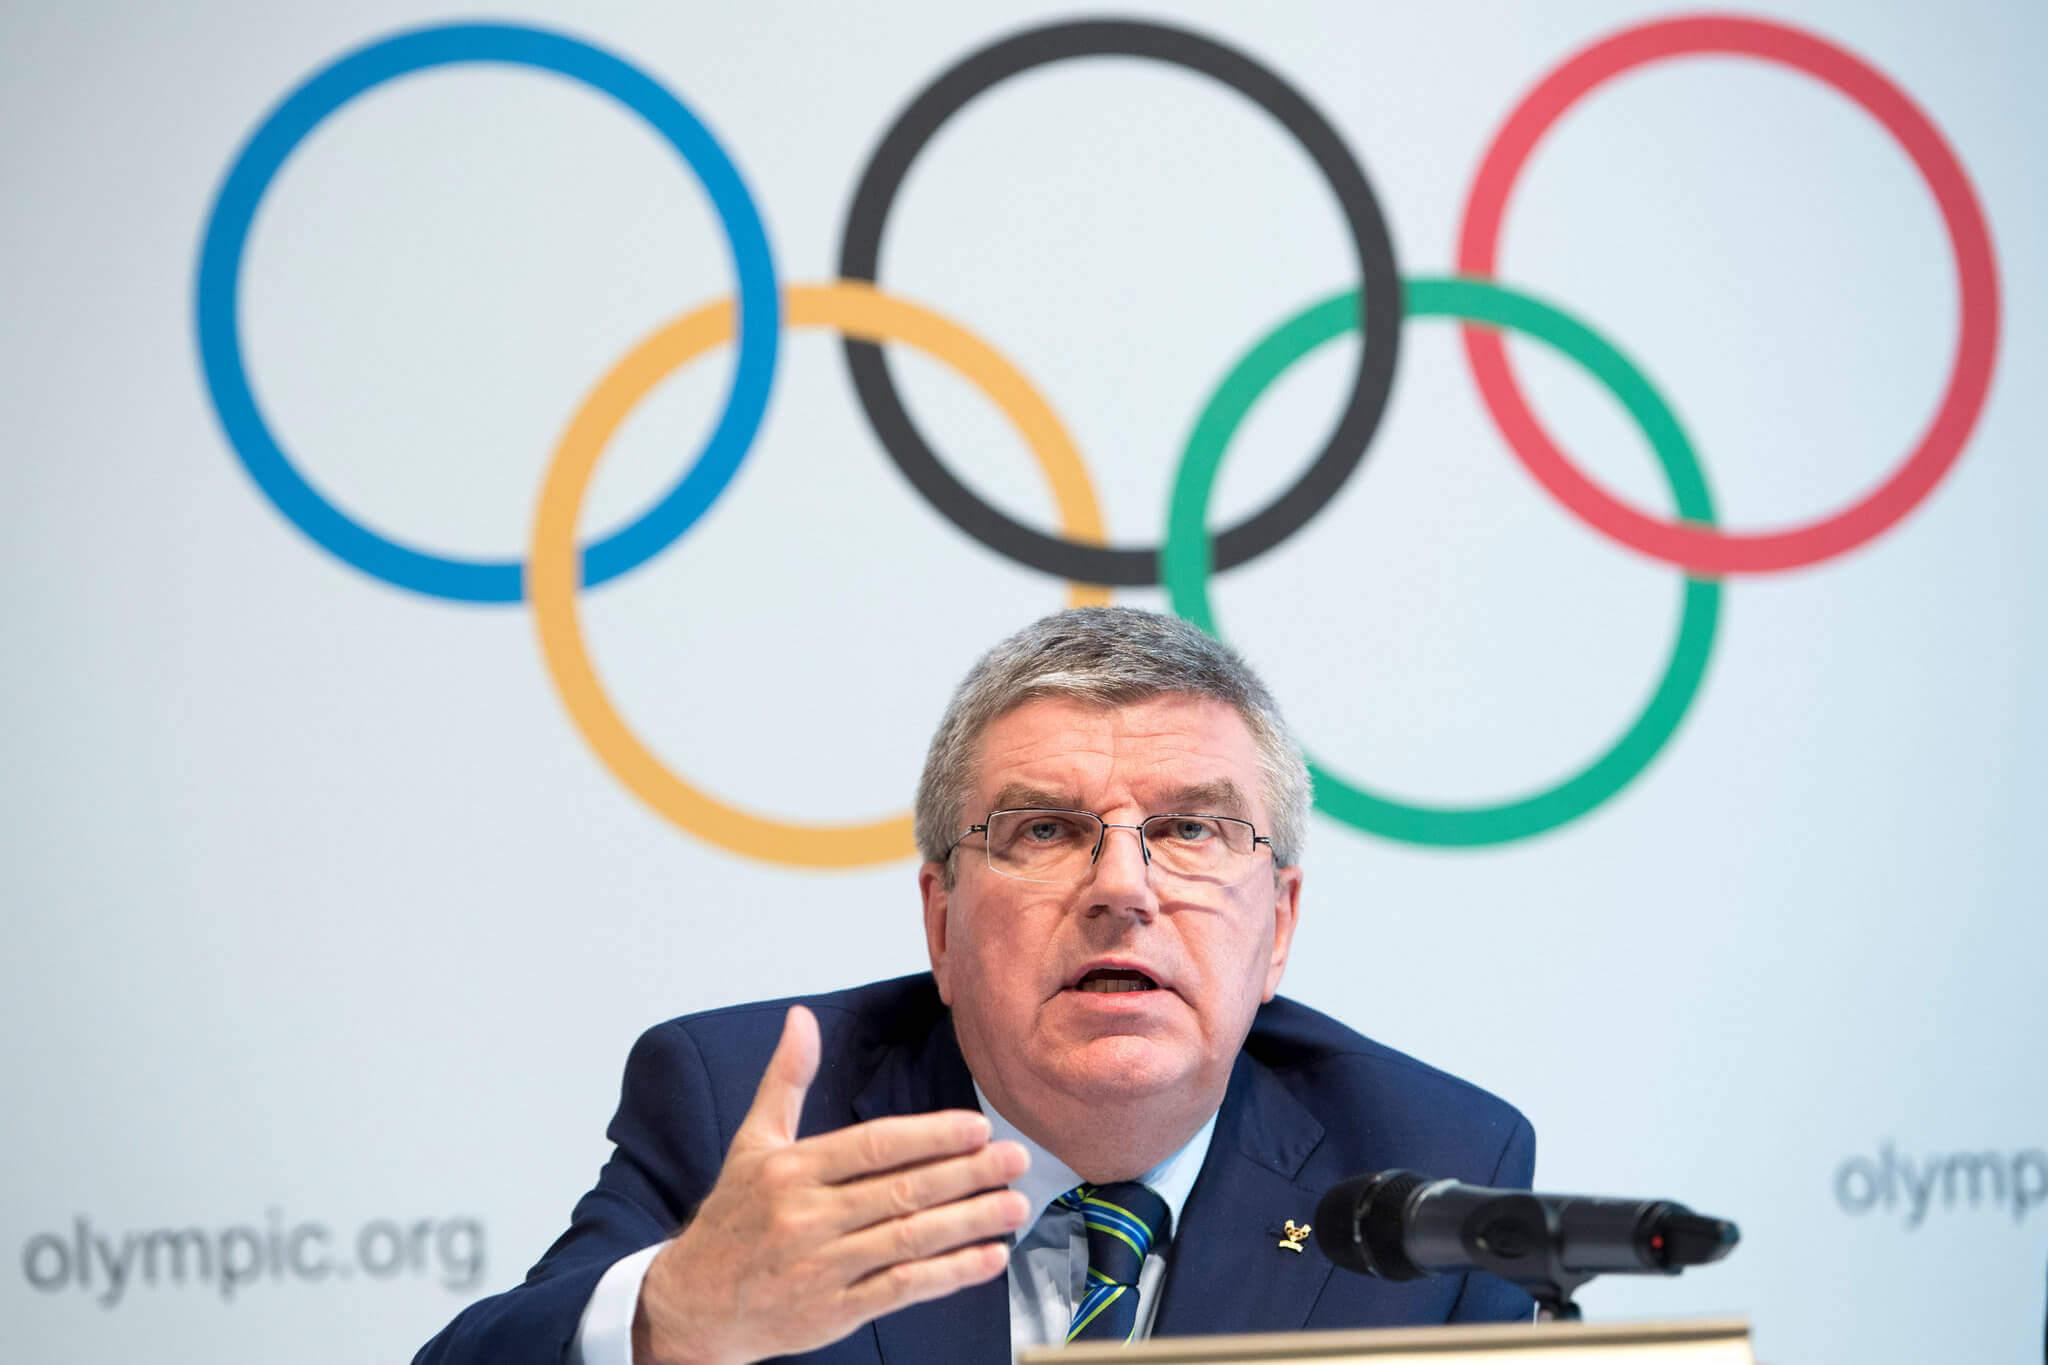 Thomas Bach, atual presidente do Comitê Olímpico Internacional, é um advogado alemão e ex-esgrimista olímpico